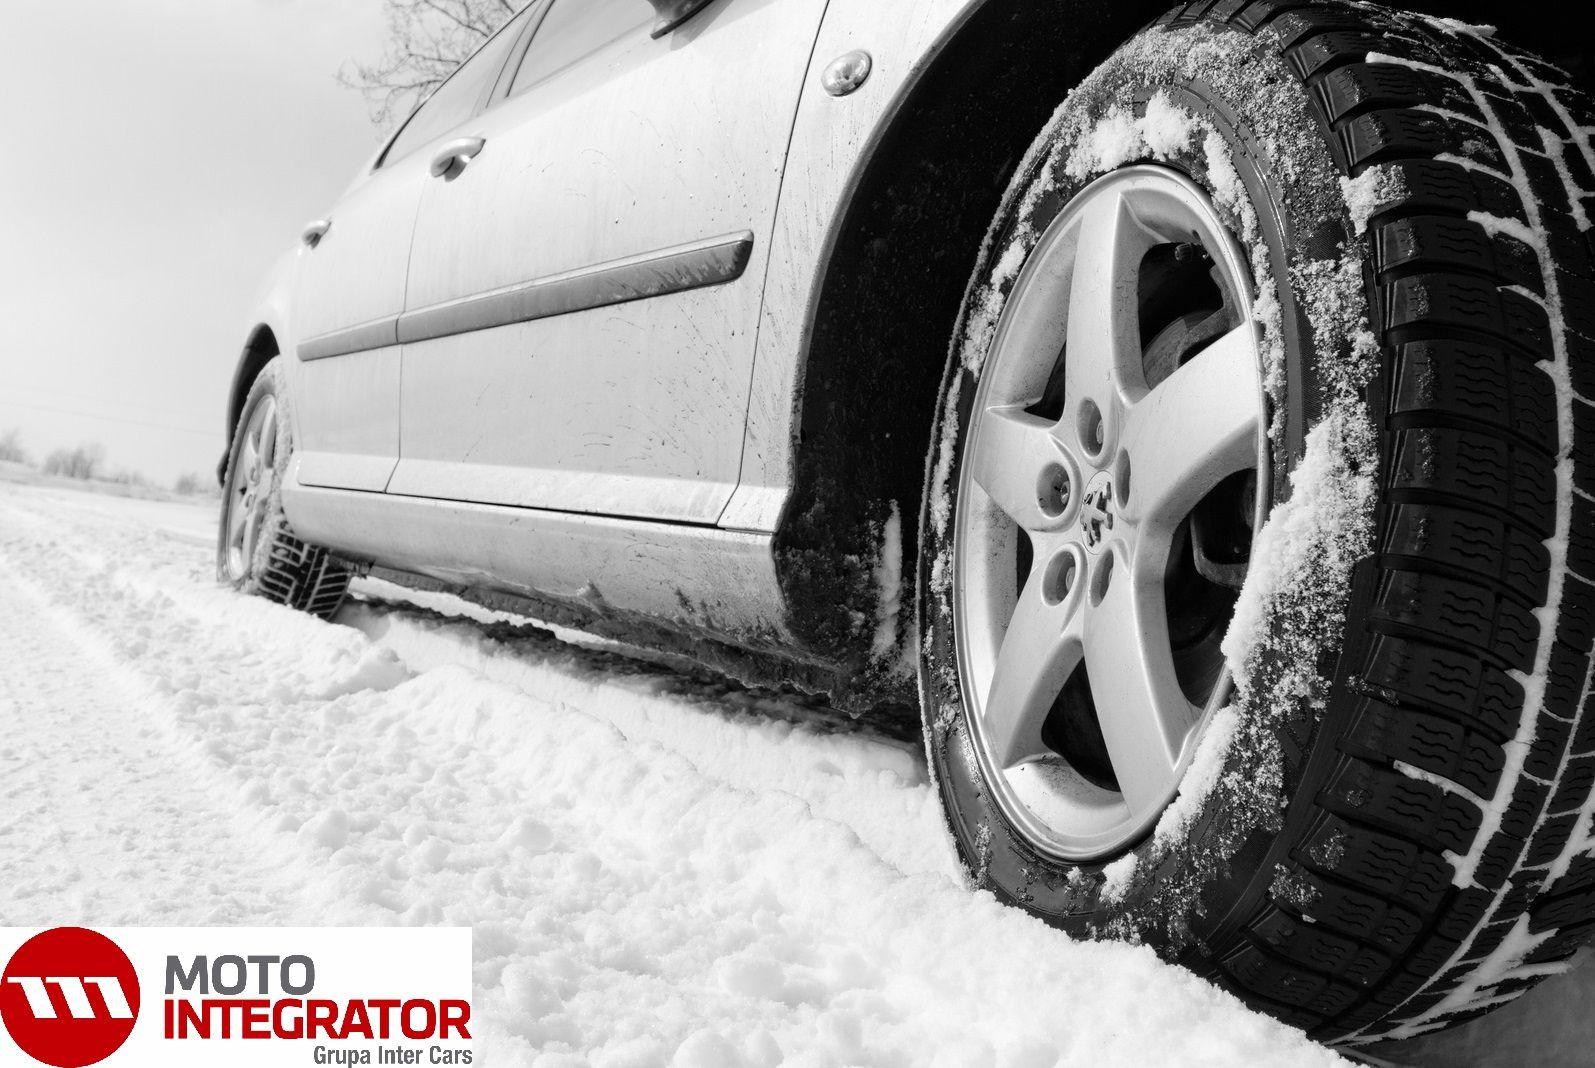 """Wiesz, kiedy należy wymienić opony na zimowe? Nie warto czekać na pierwszy śnieg. Sprawdź, jaki jest najlepszy moment na założenie """"zimówek"""".  http://www.motointegrator.pl/s/poradnik-kiedy-wymienic-opony-na-zimowe/ #opony #zimowe #poradnik"""